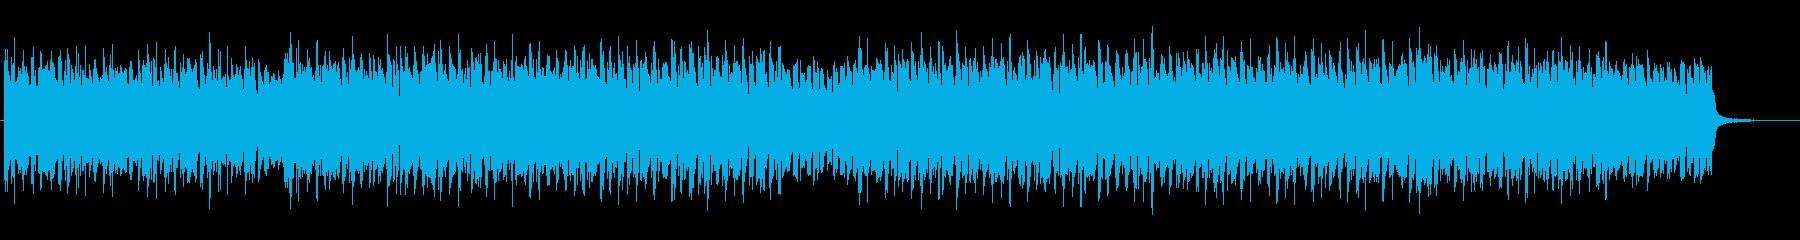 ベースフレーズが目立つテクノBGMの再生済みの波形